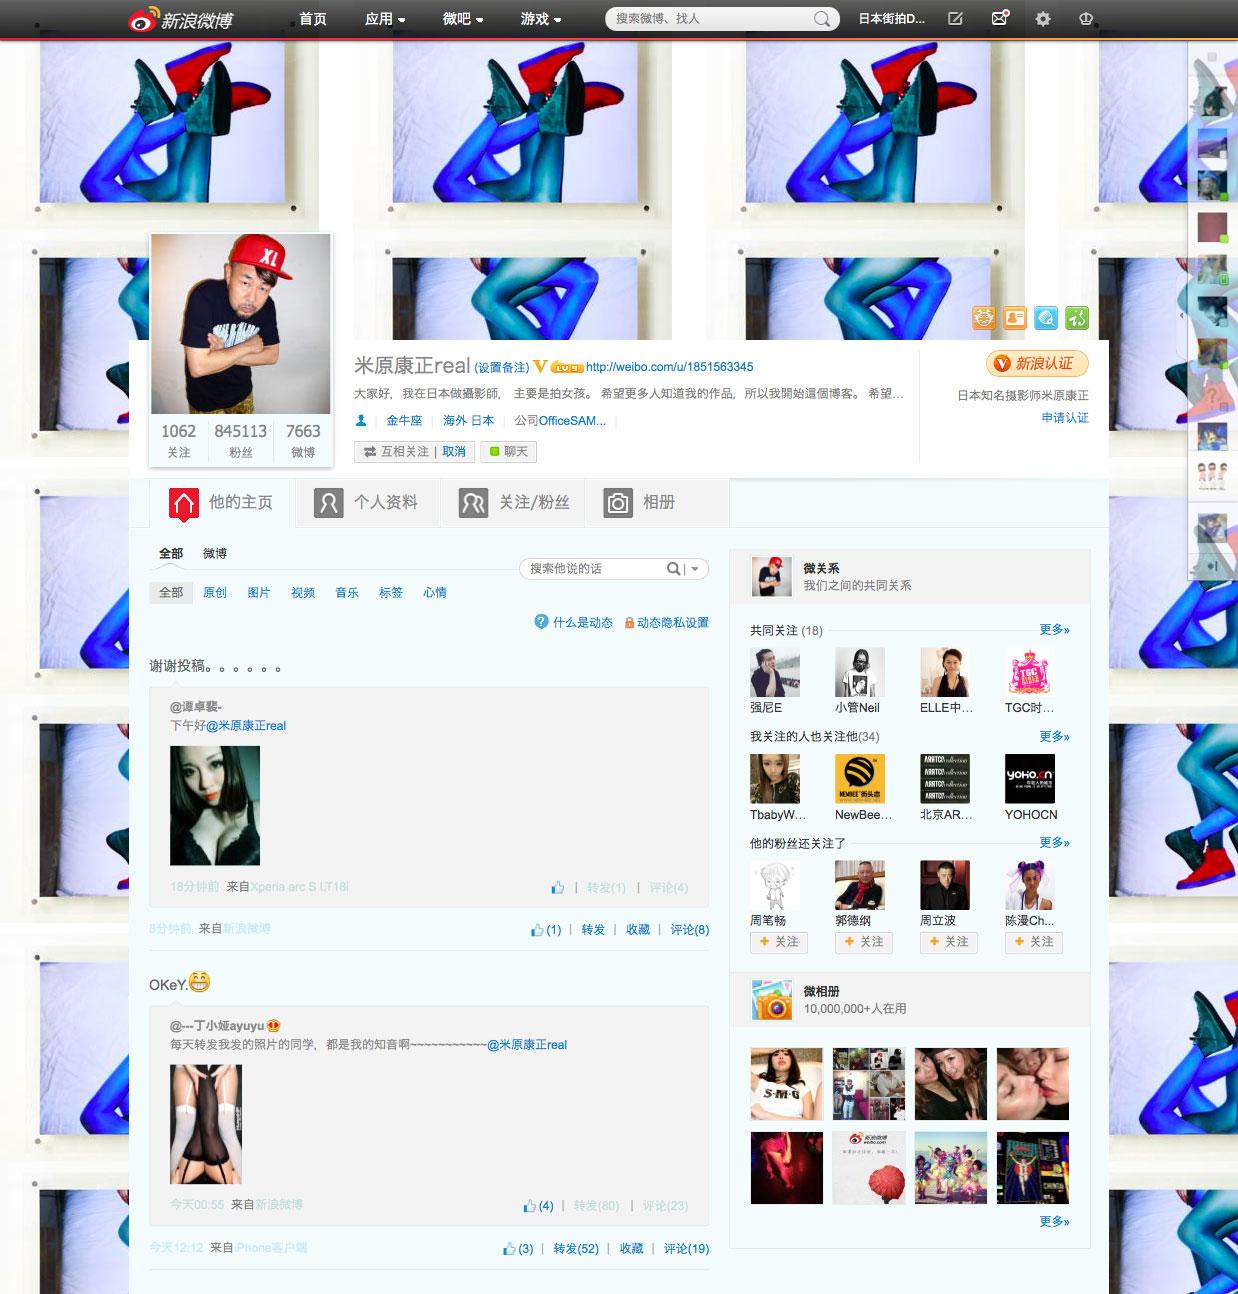 米原康正の『Weibo』